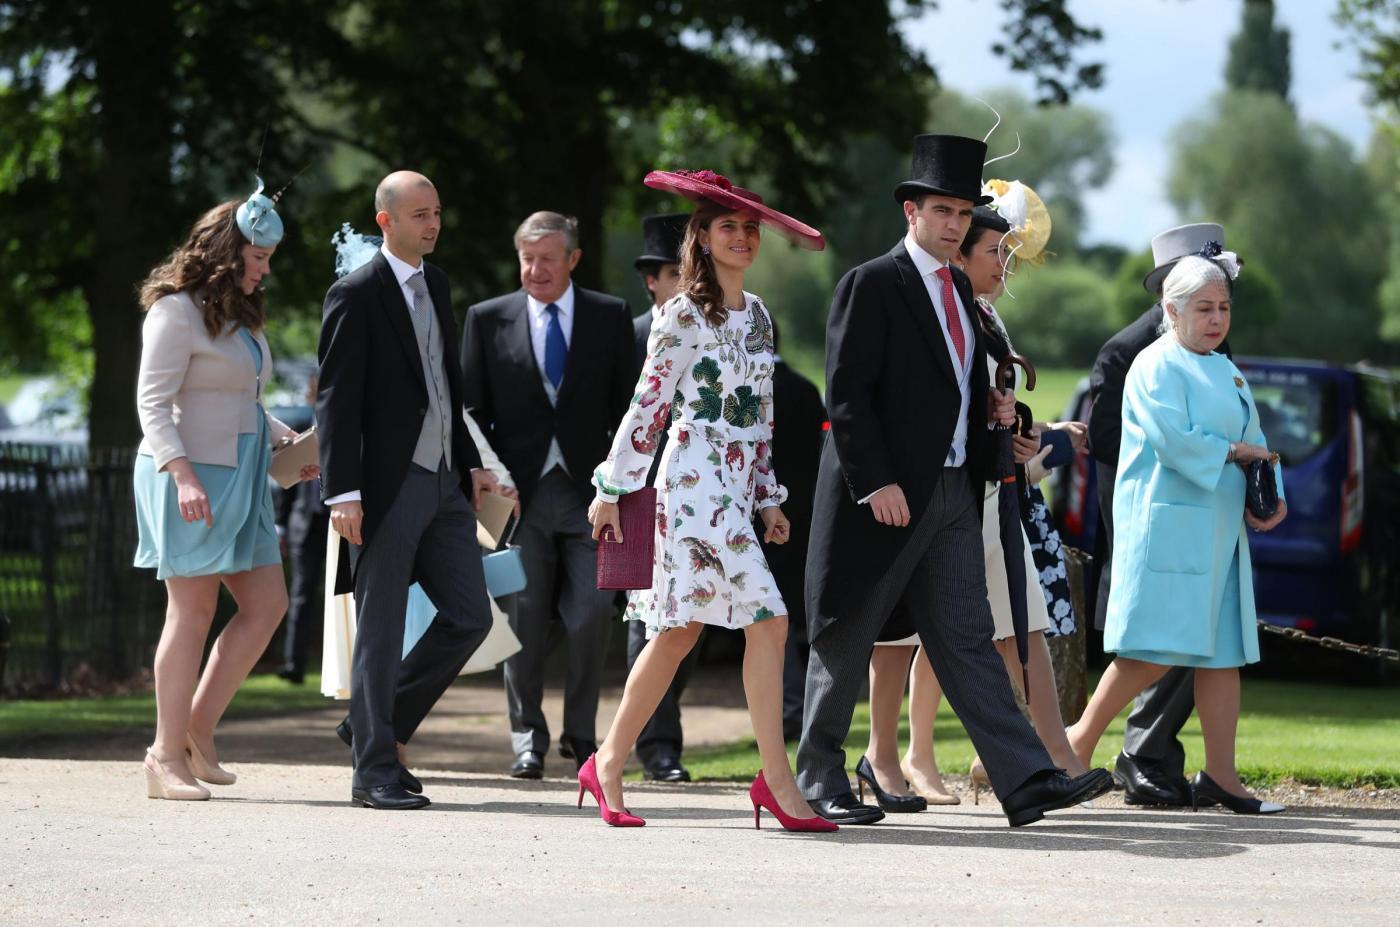 Englefield, l'arrivo degli ospiti al matrimonio di Pippa Middleton